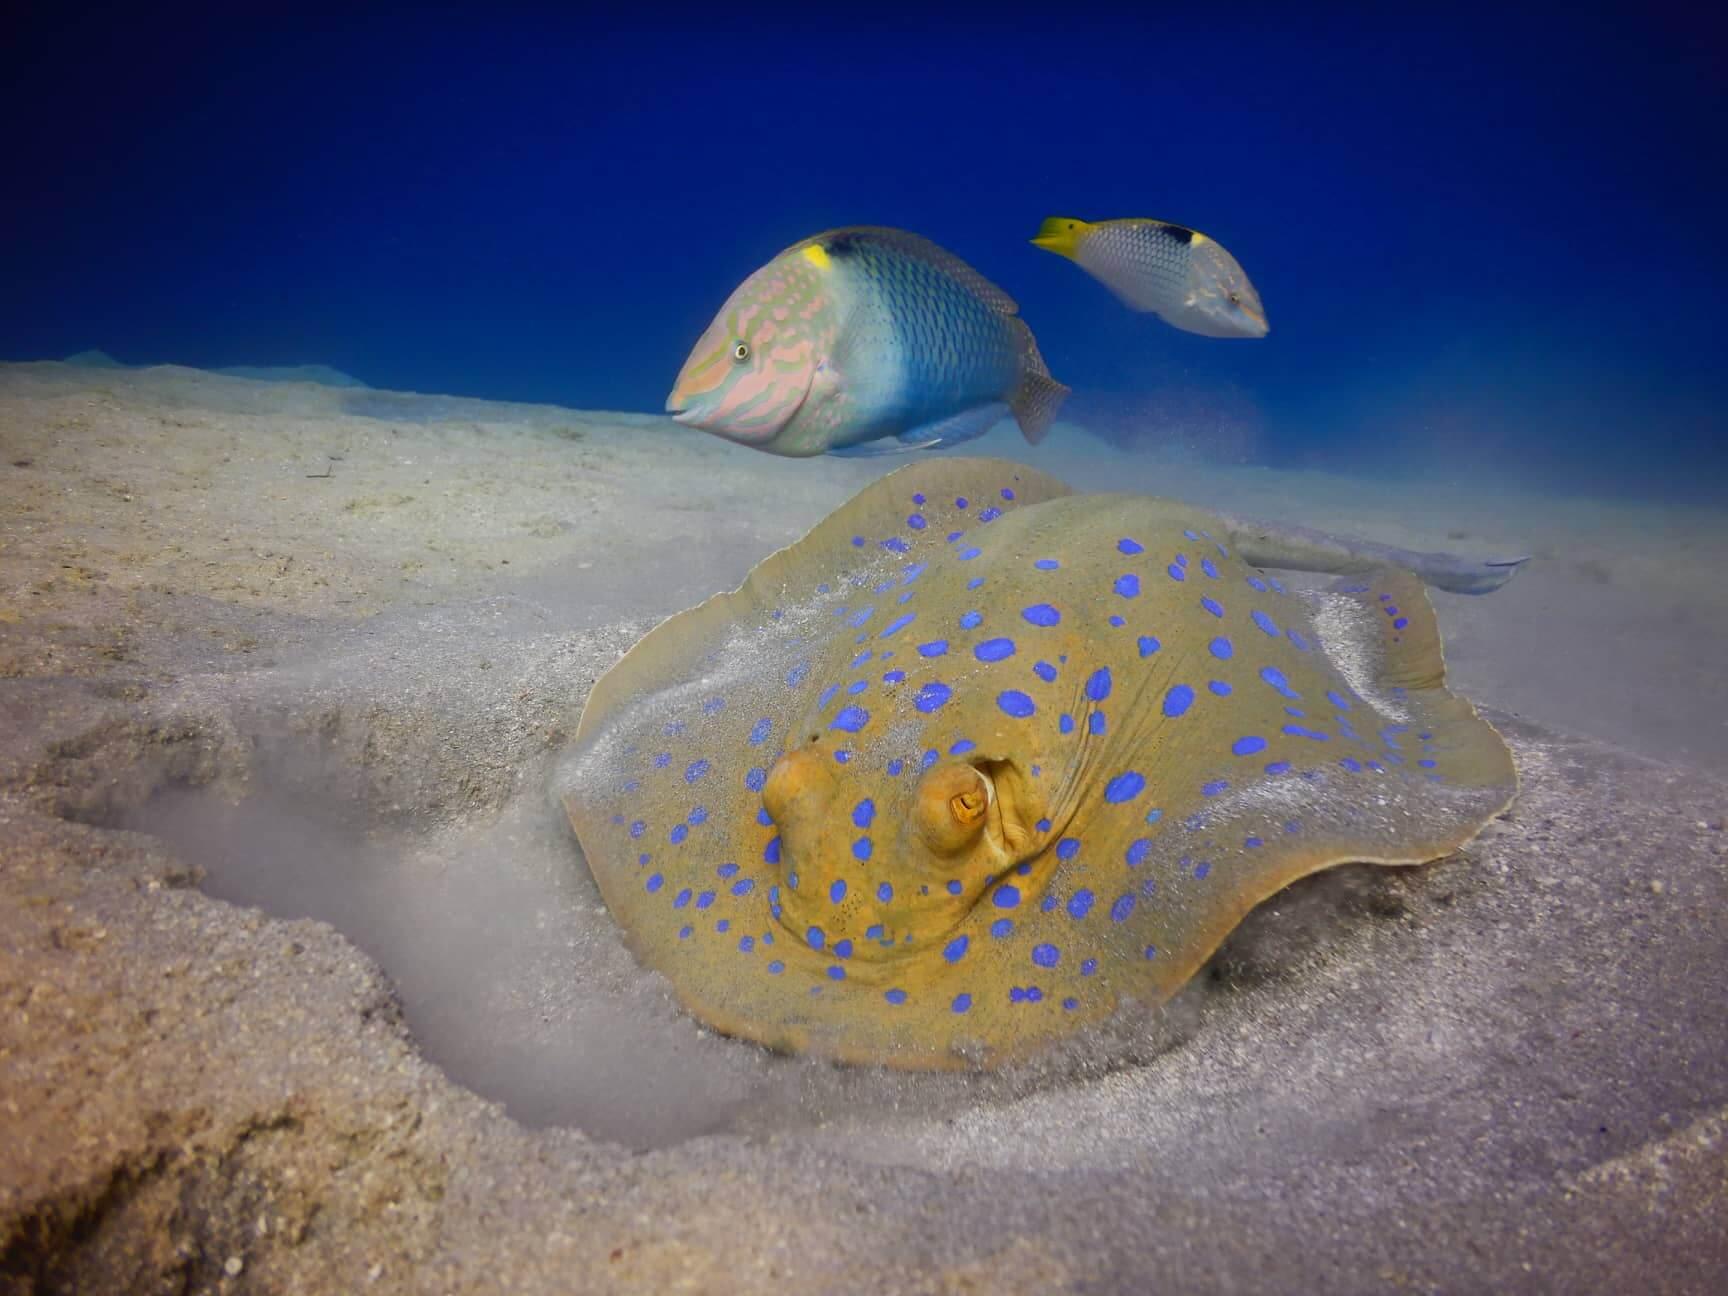 Egypt-REDSEA-Hurghada-DivePro-Academy-Scuba-Diving-Center-Stingray-2